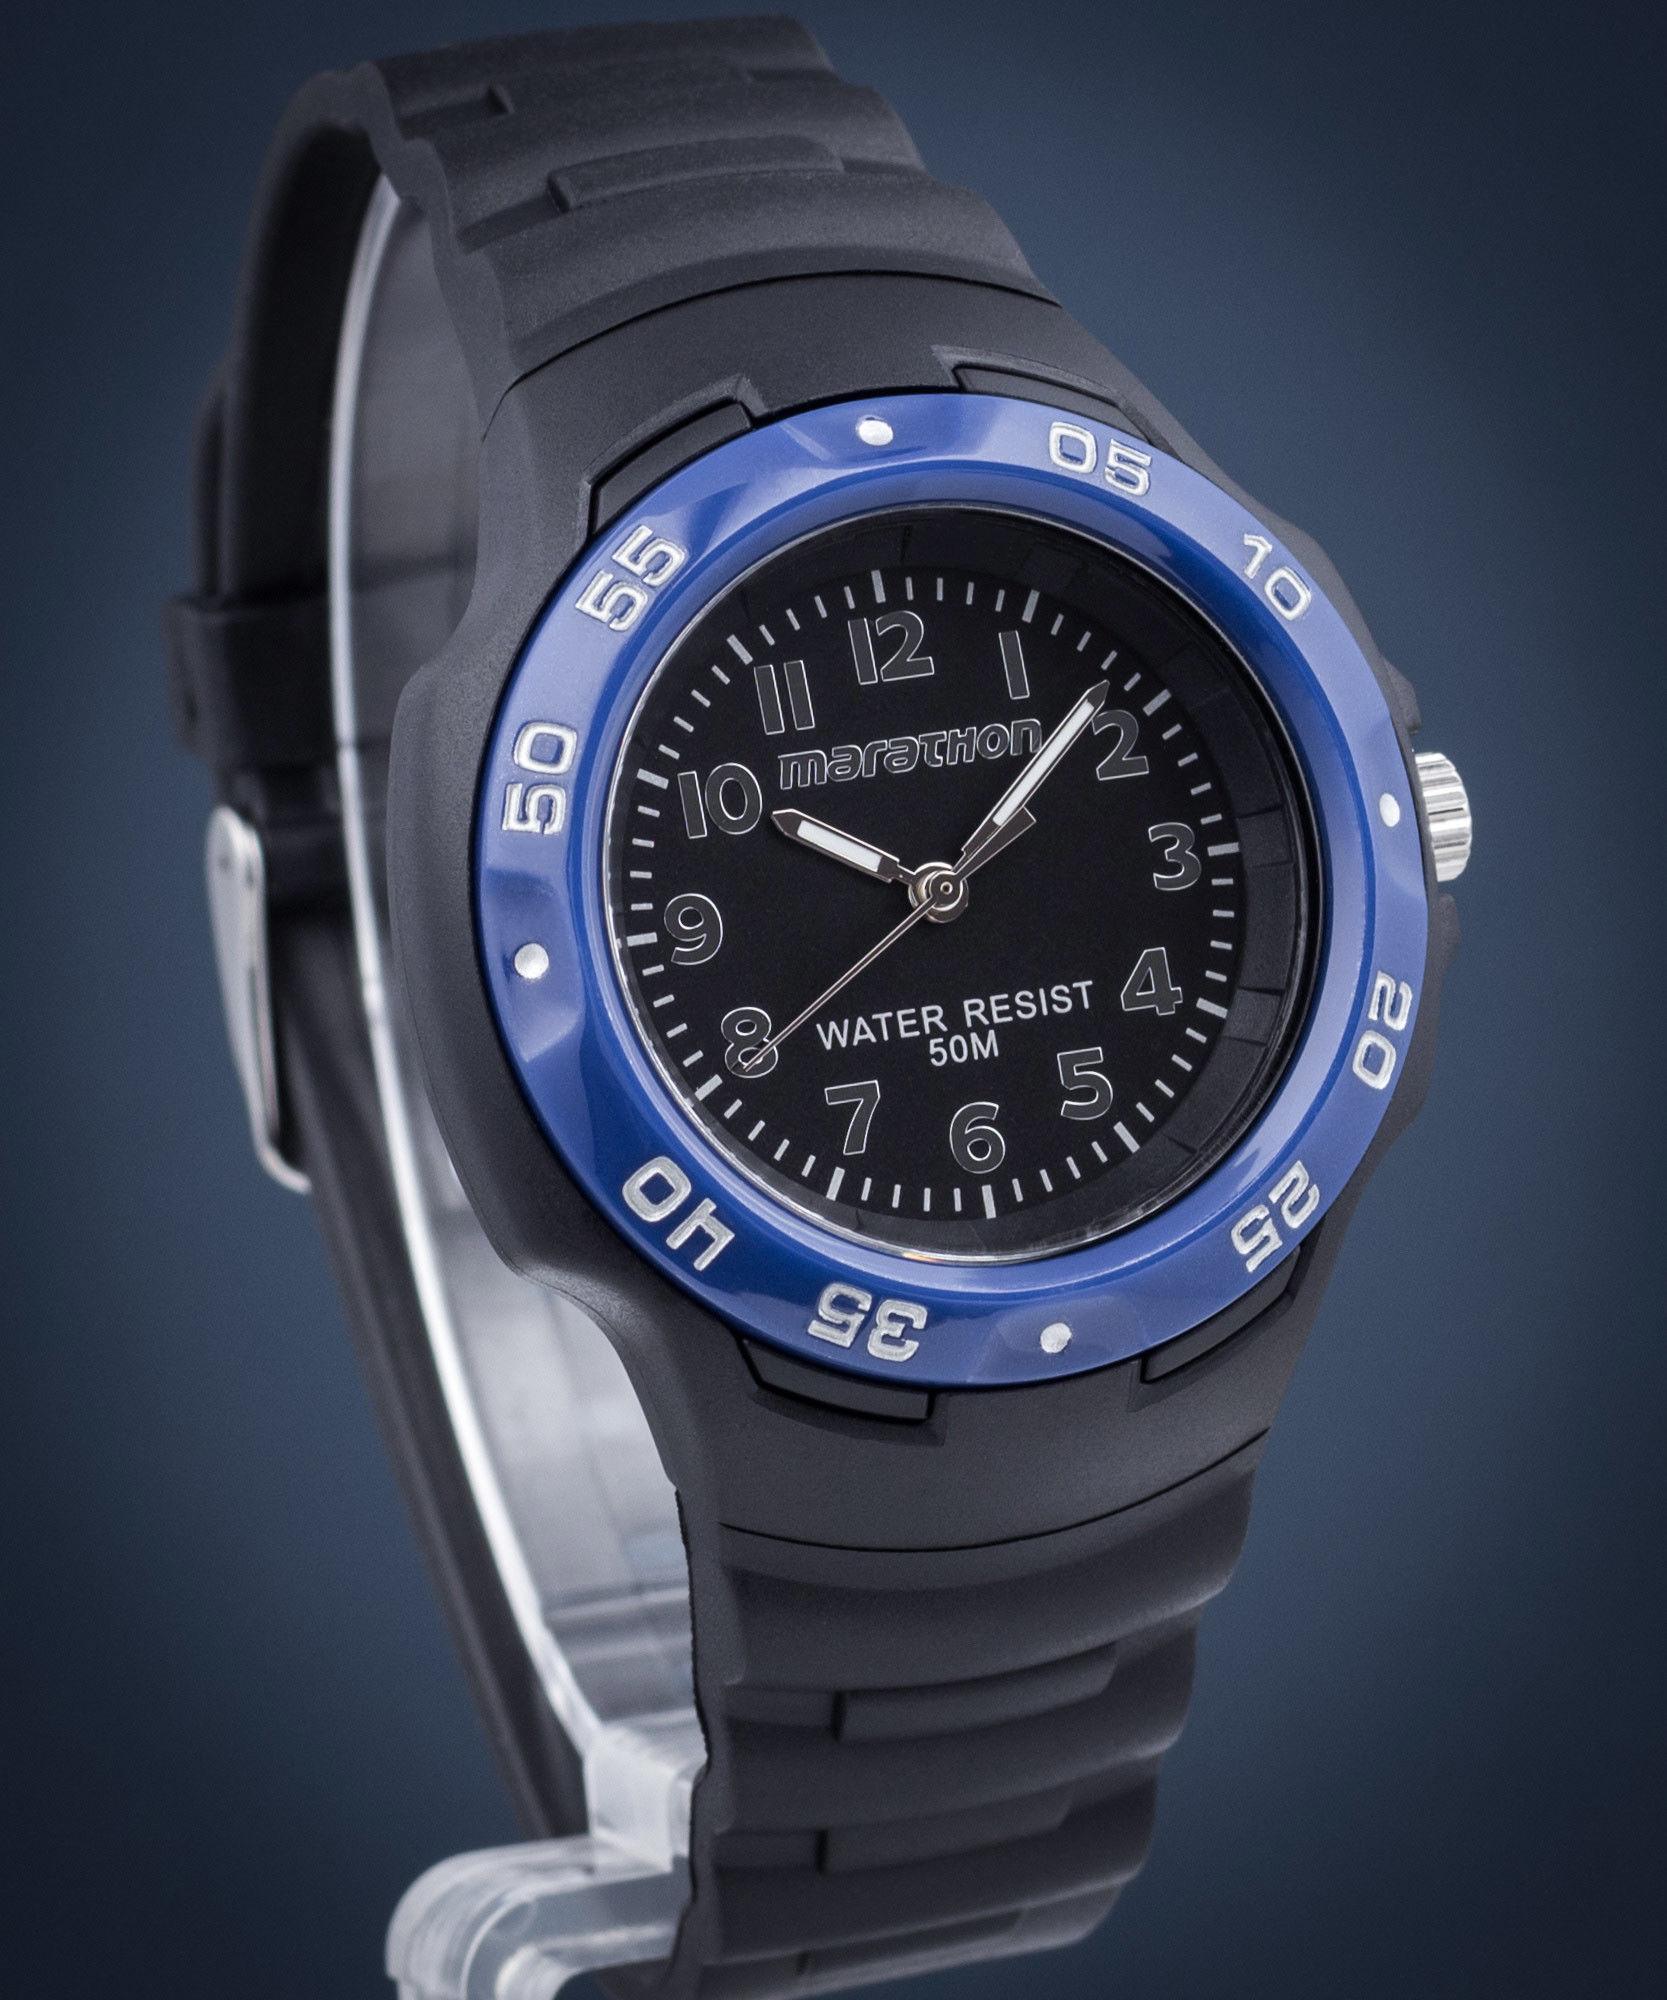 Zegarek Timex TW5M21200 Marathon - CENA DO NEGOCJACJI - DOSTAWA DHL GRATIS, KUPUJ BEZ RYZYKA - 100 dni na zwrot, możliwość wygrawerowania dowolnego tekstu.